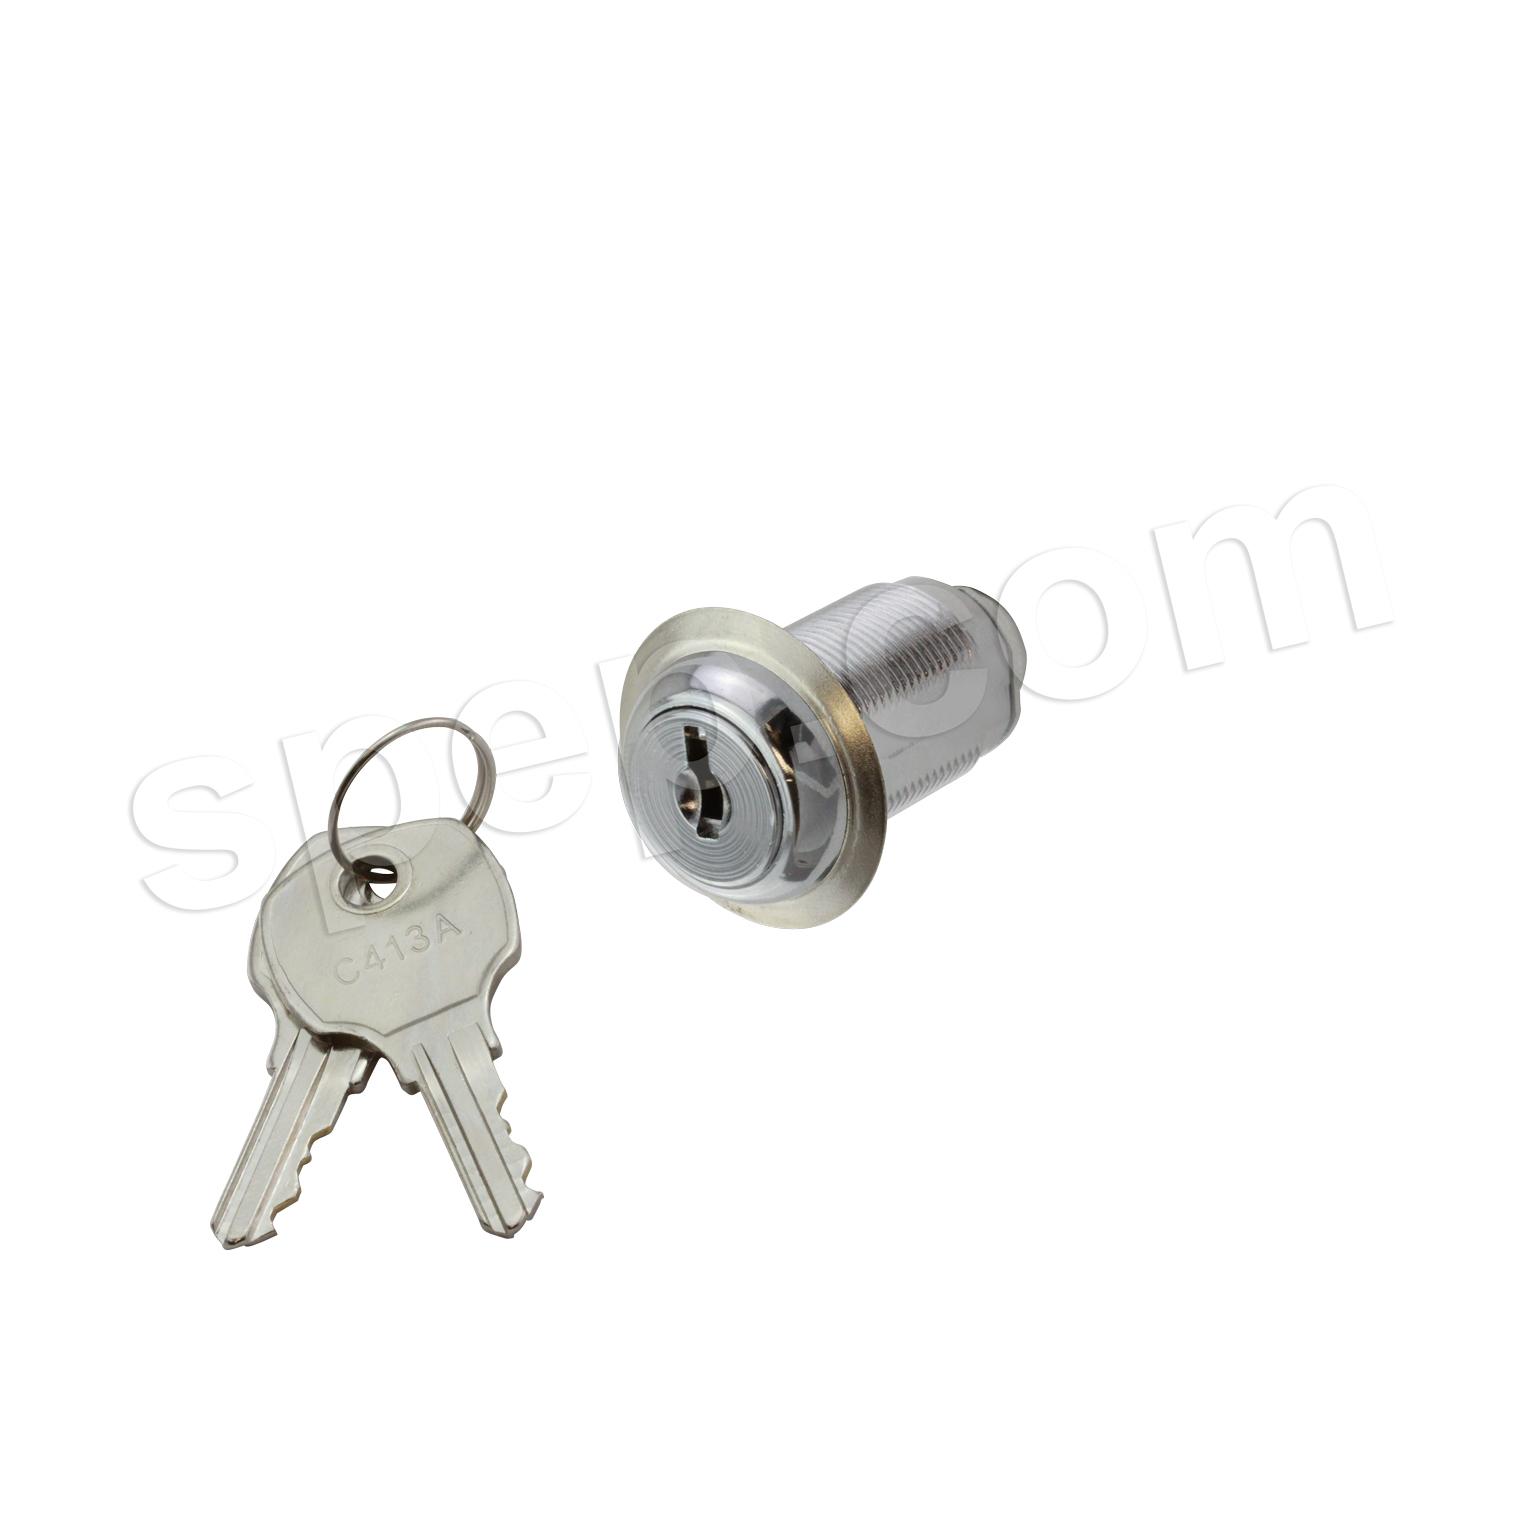 OEM Locks